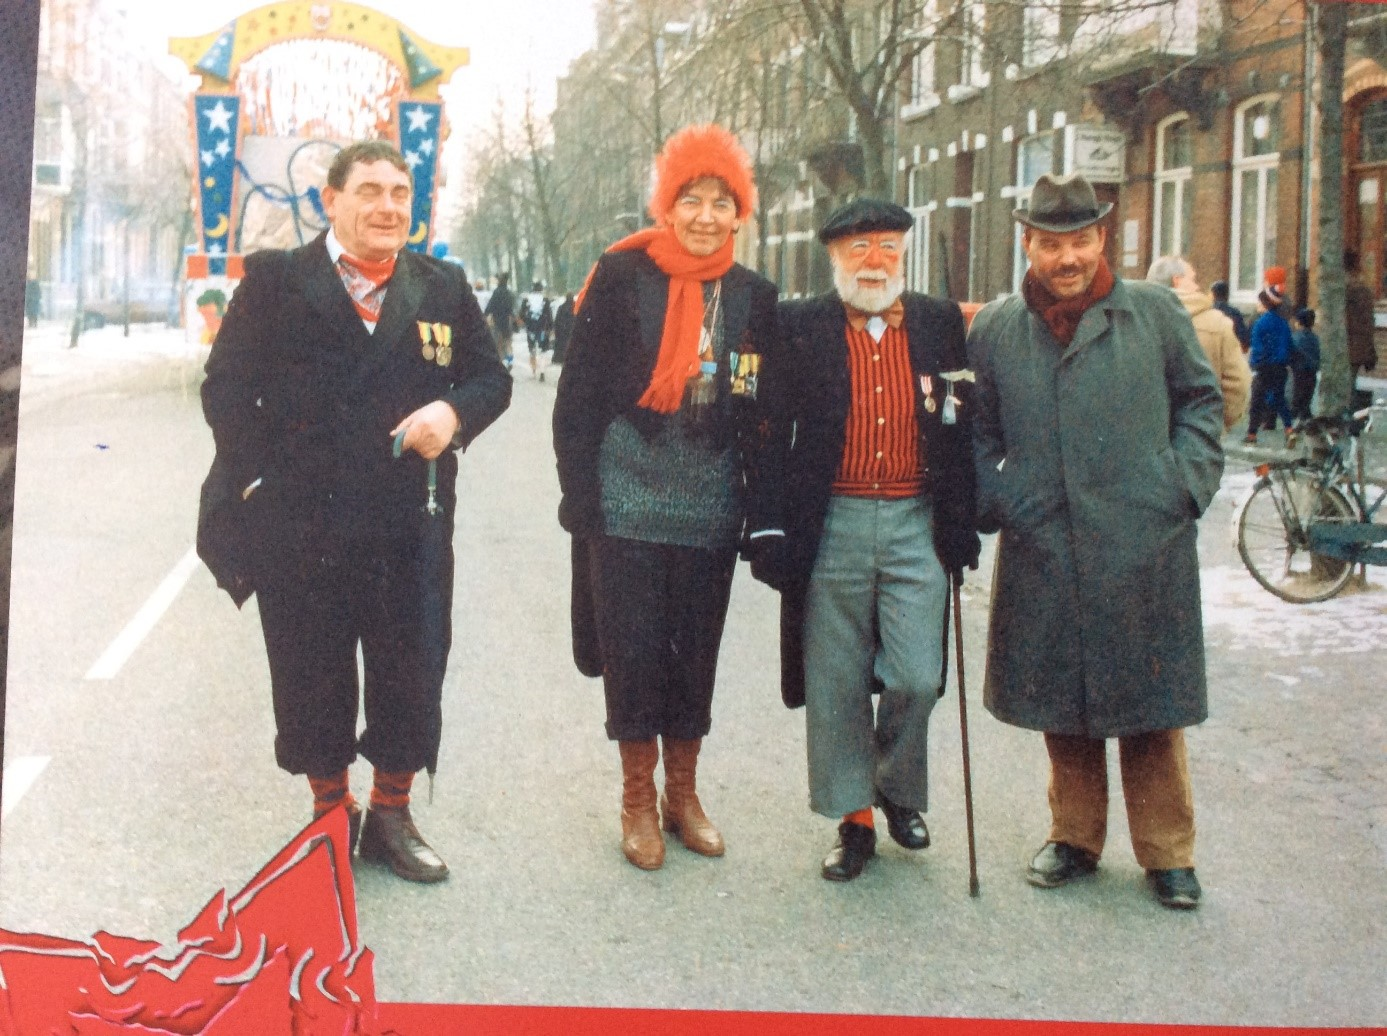 https://limburg.pvda.nl/nieuws/in-memoriam-martin-konings/Martin Konings viert Carnaval in Maastricht.